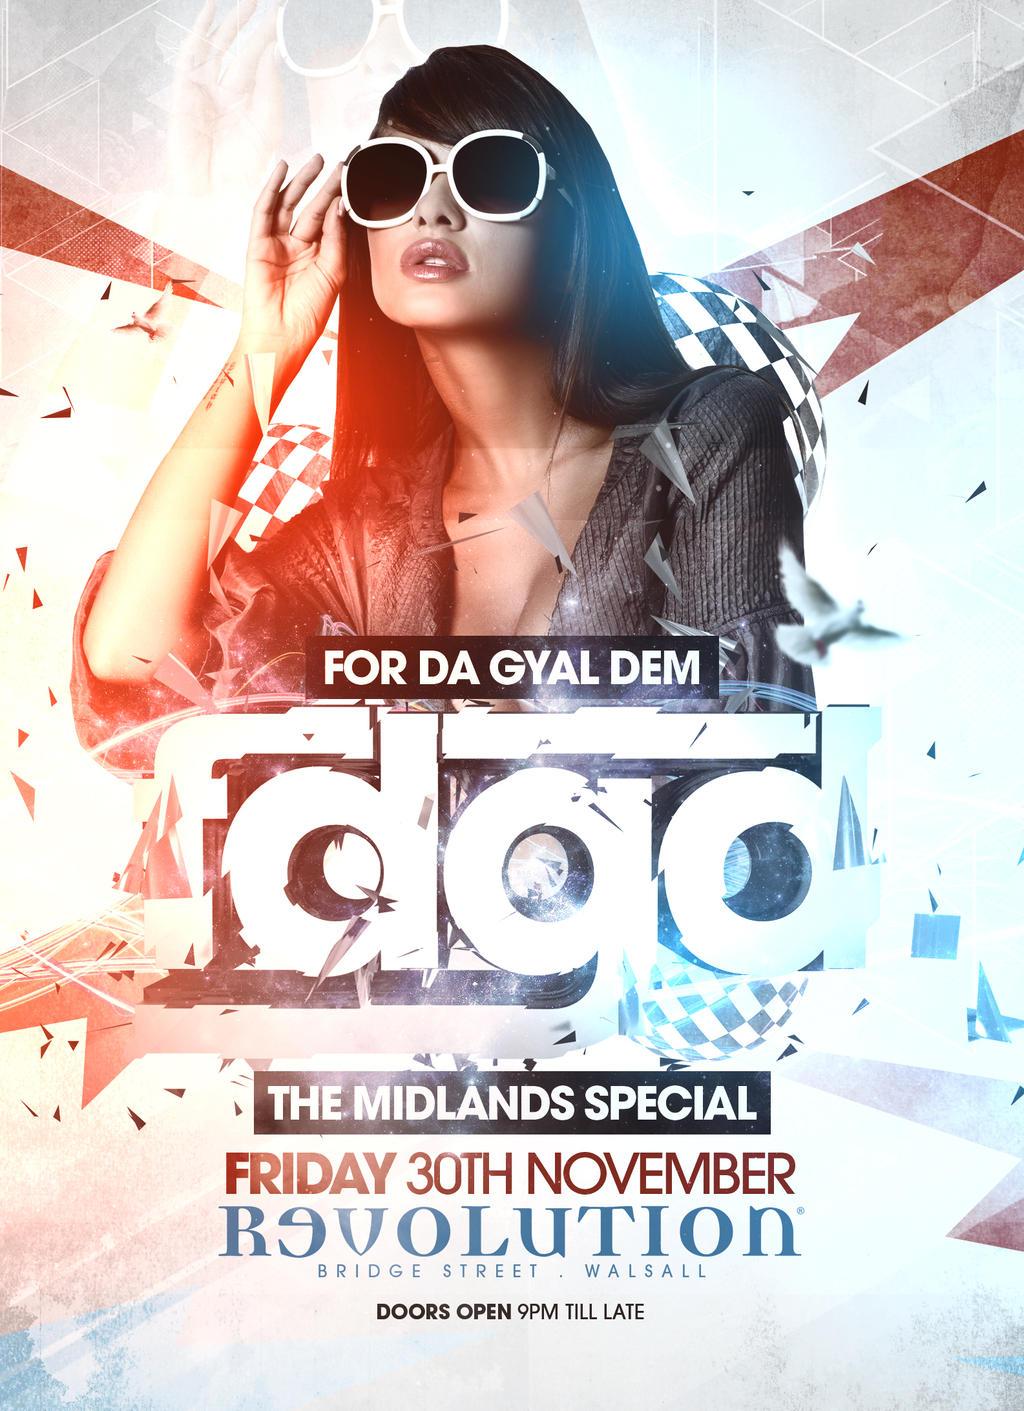 Club event flyer design october 2012 by danwilko